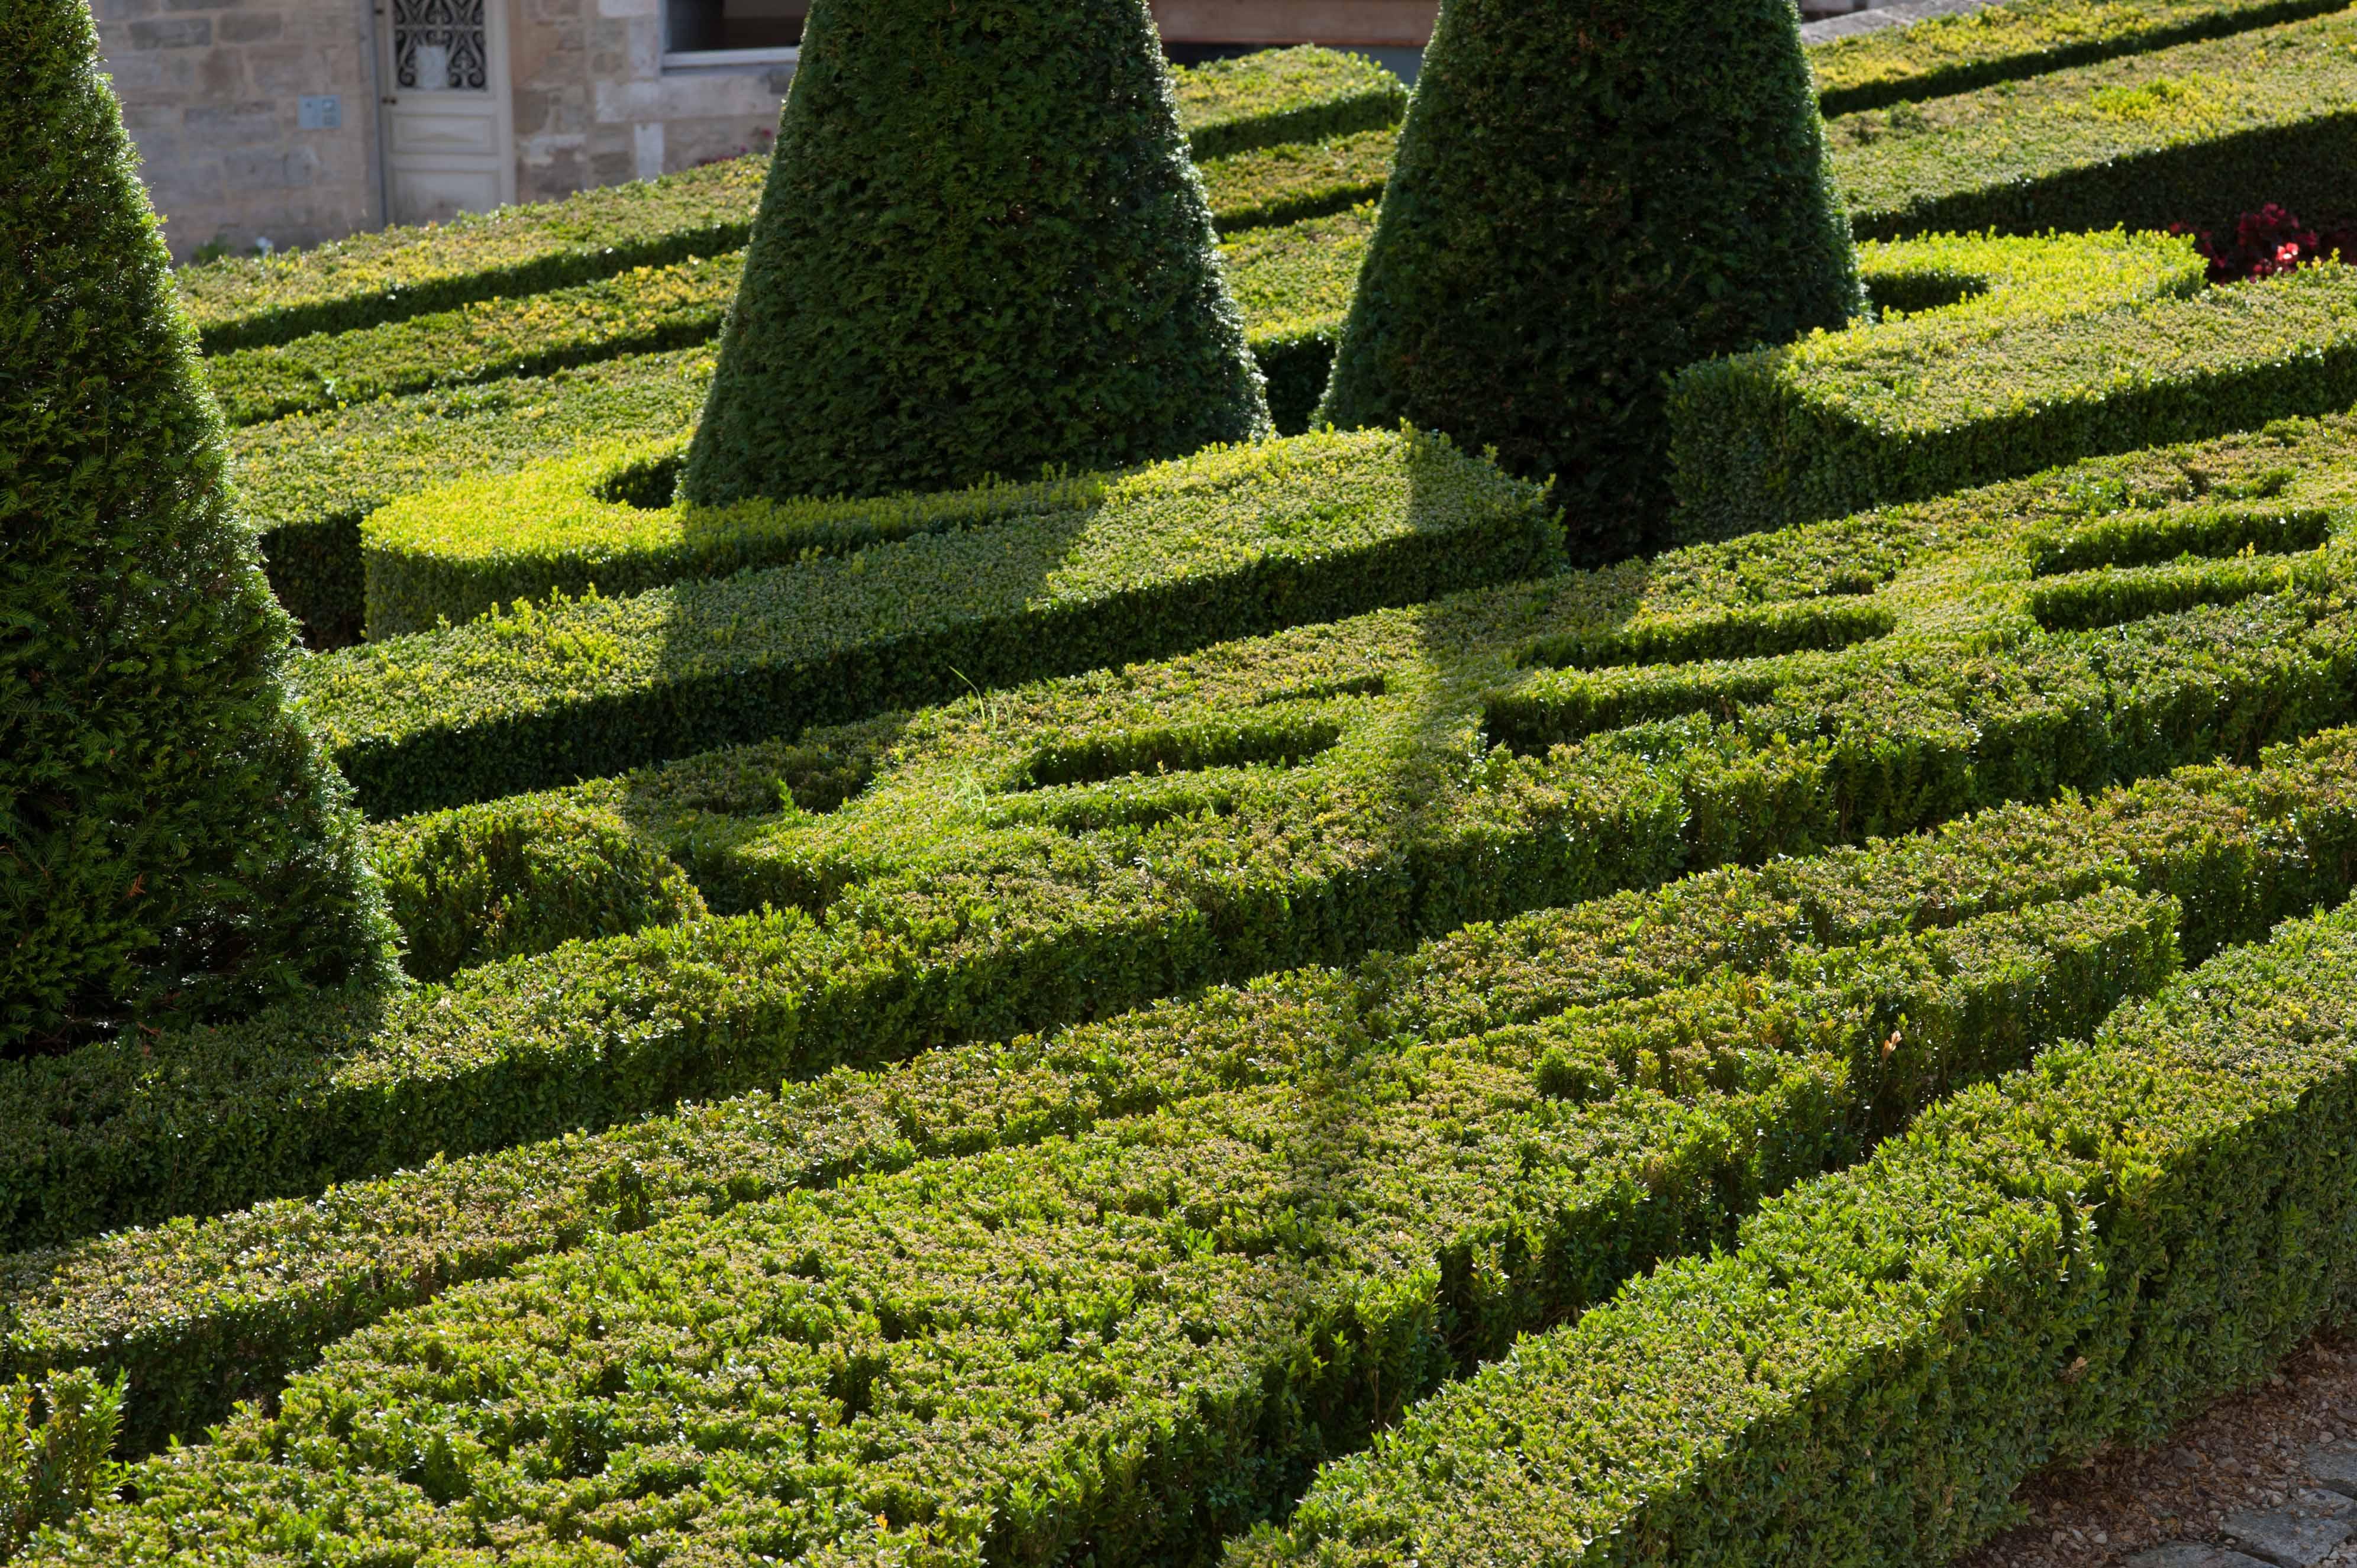 christianrohn-photographe-jardins-terrasson-dordogne